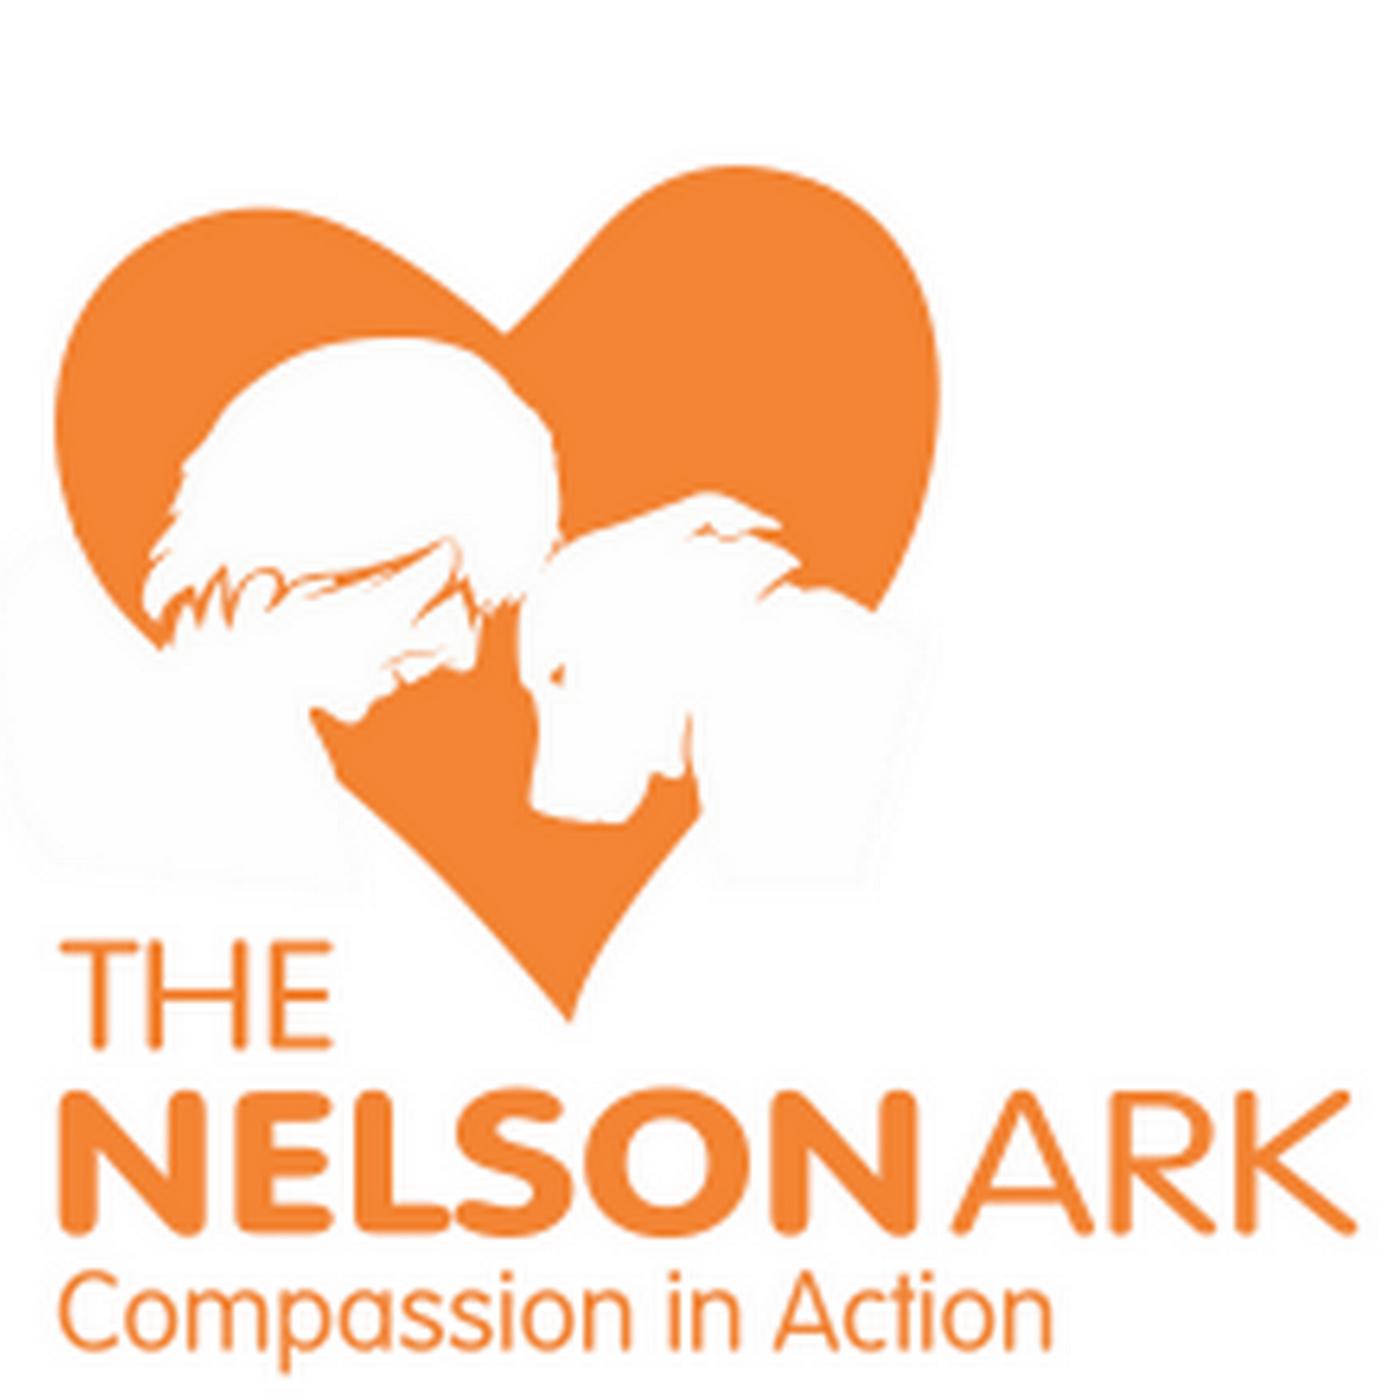 https://cdn.accessradio.org/StationFolder/freshfm/Images/Nelson-Ark.png